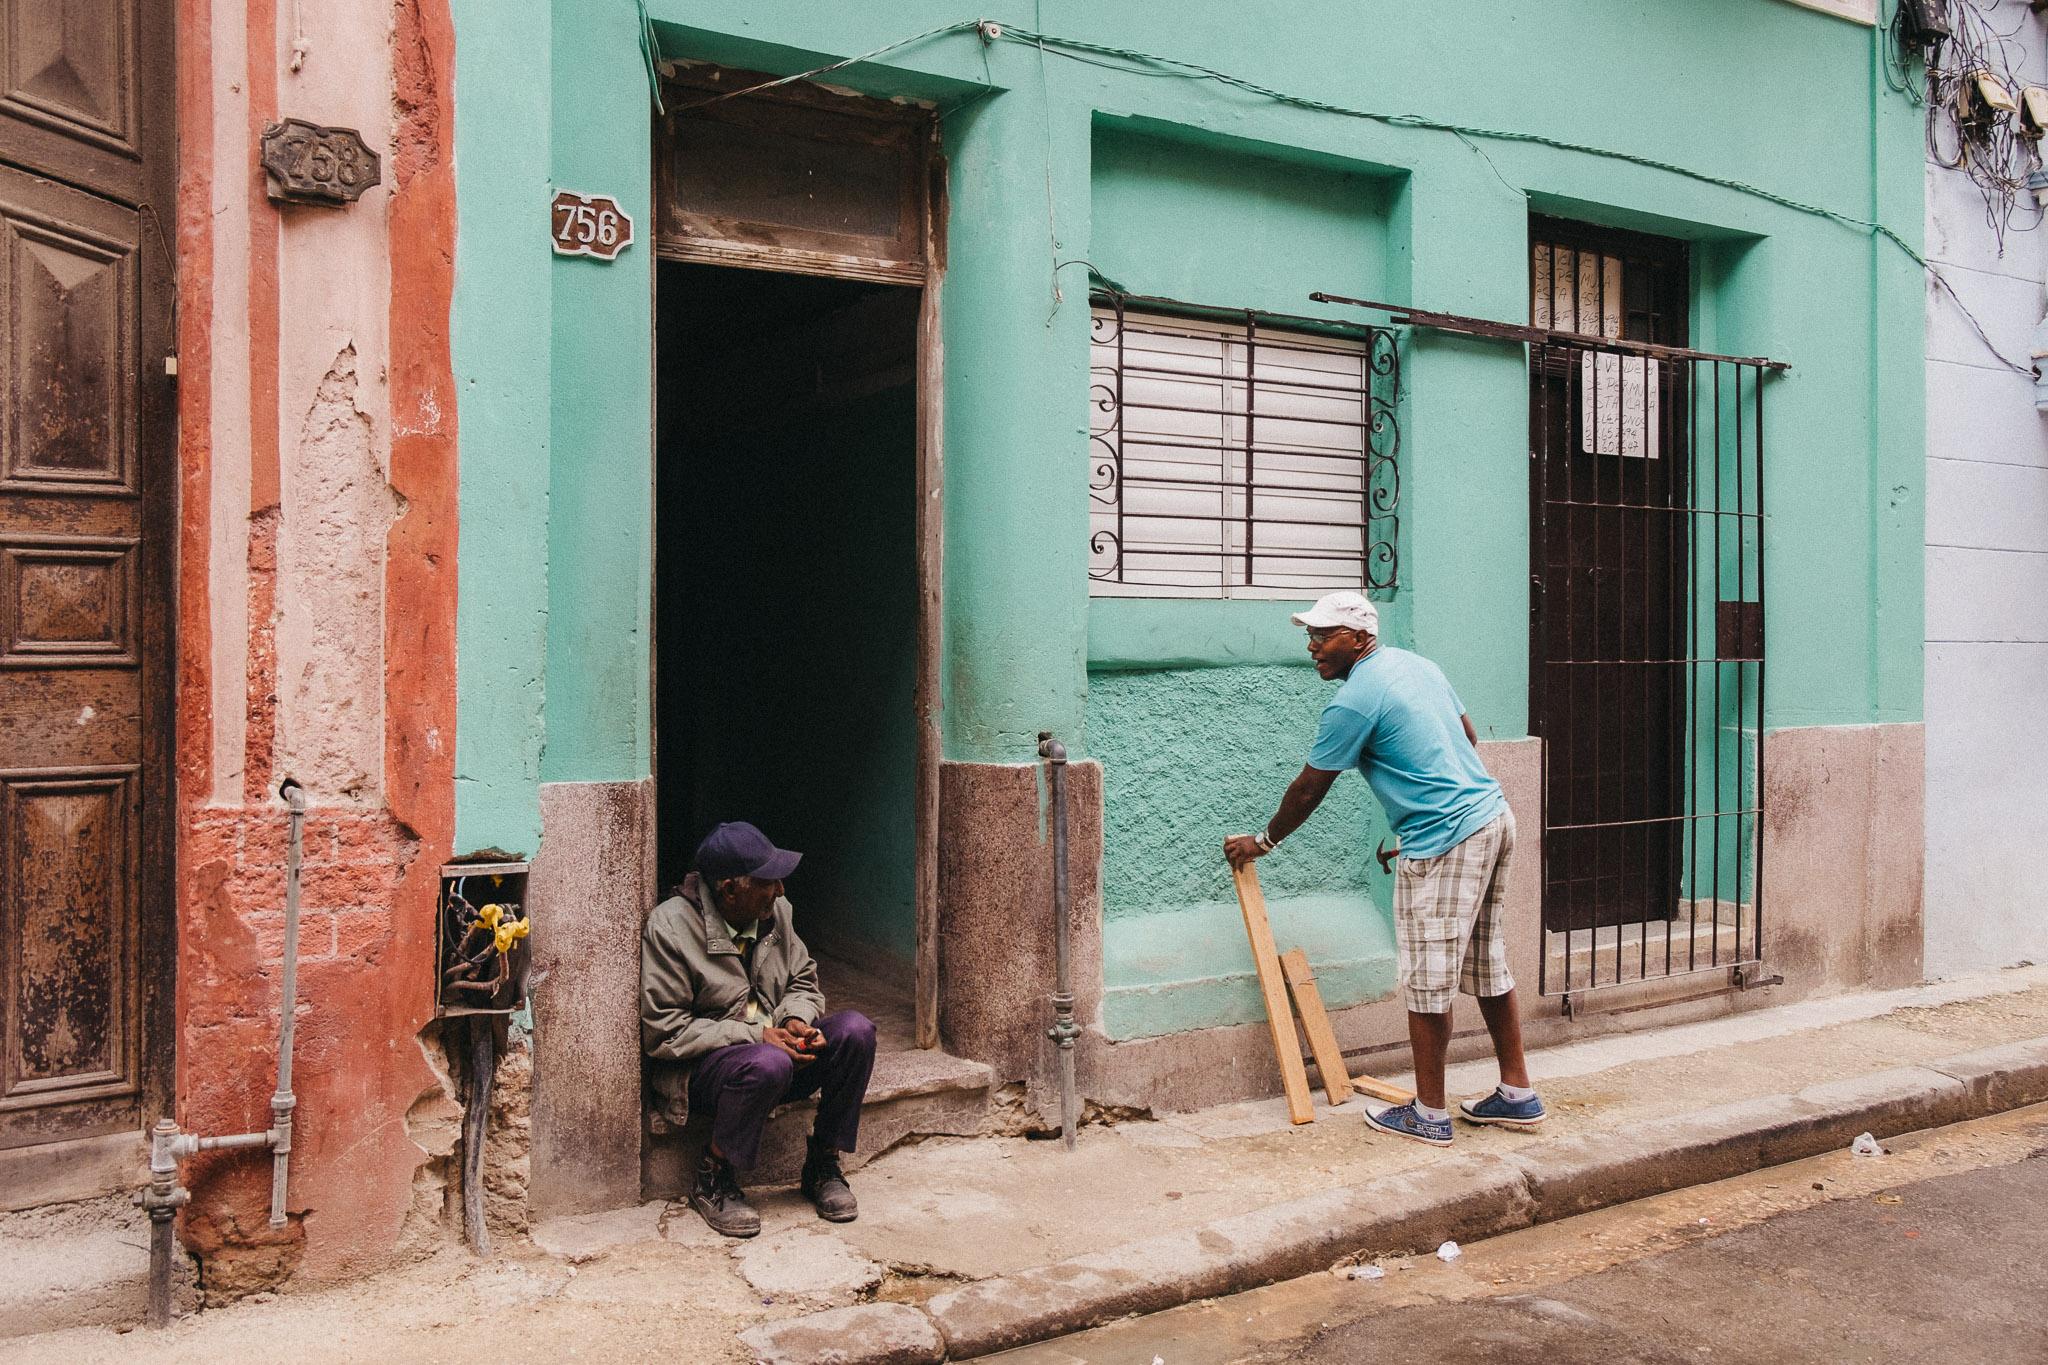 Cuba-2017-12-Havana-0112.jpg